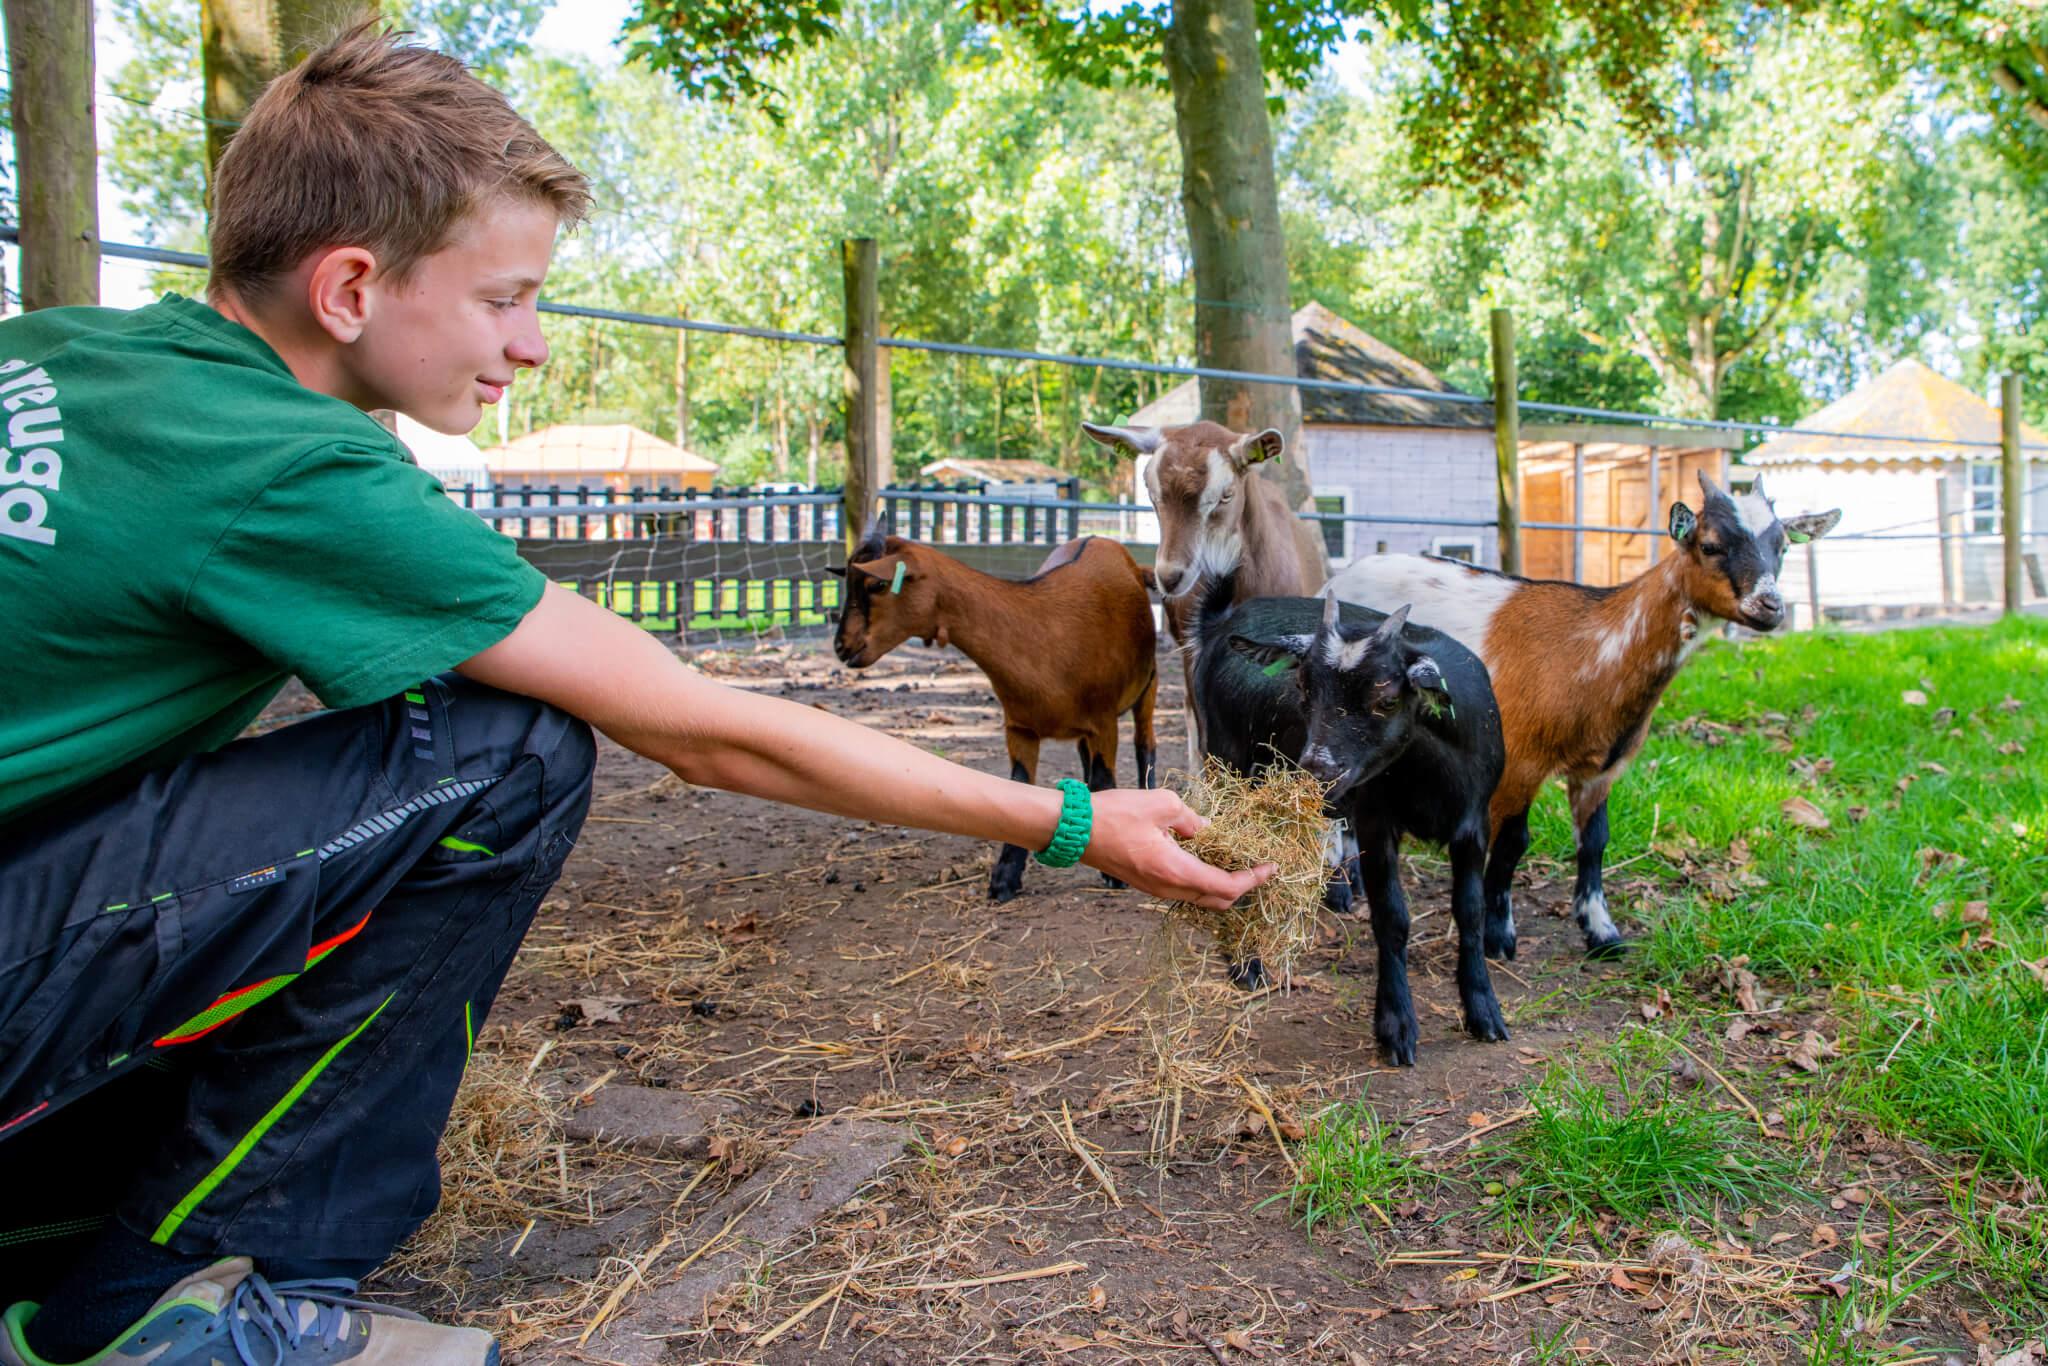 Children's Farm Aalsmeer